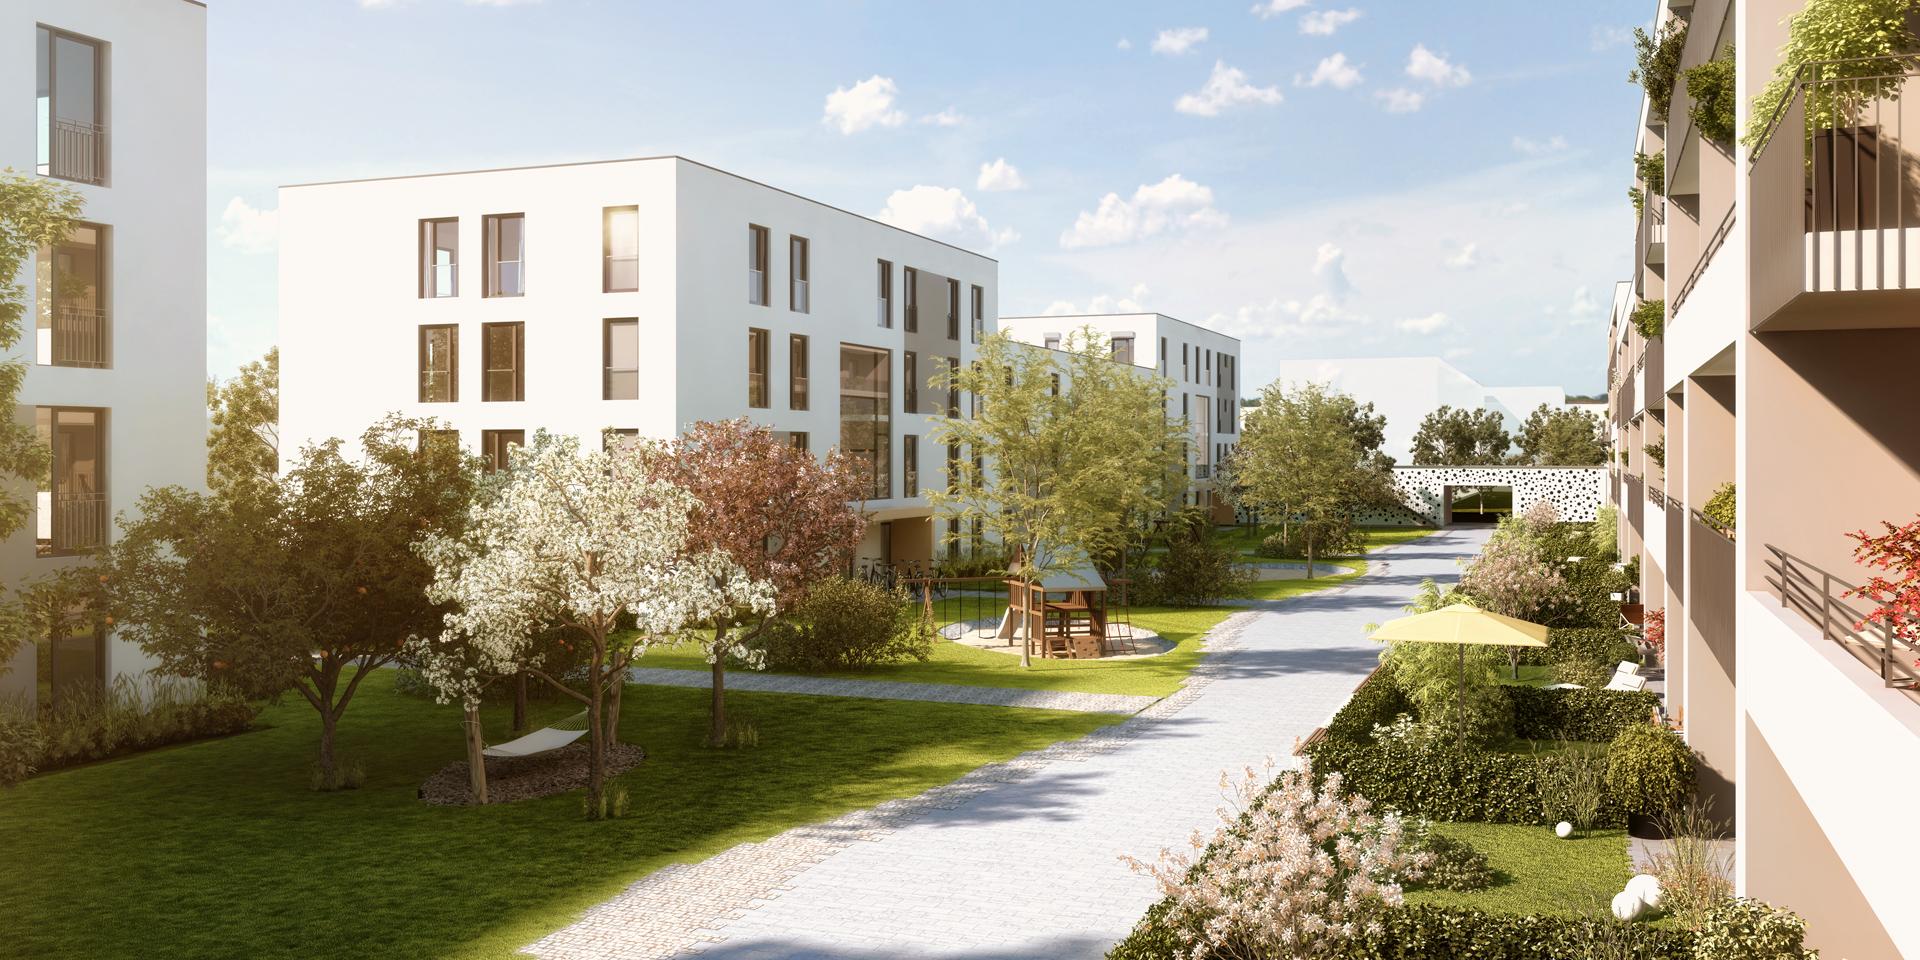 Gartenstadt Home Munich Ramersdorf-Perlach | Terrafinanz Wohnbau